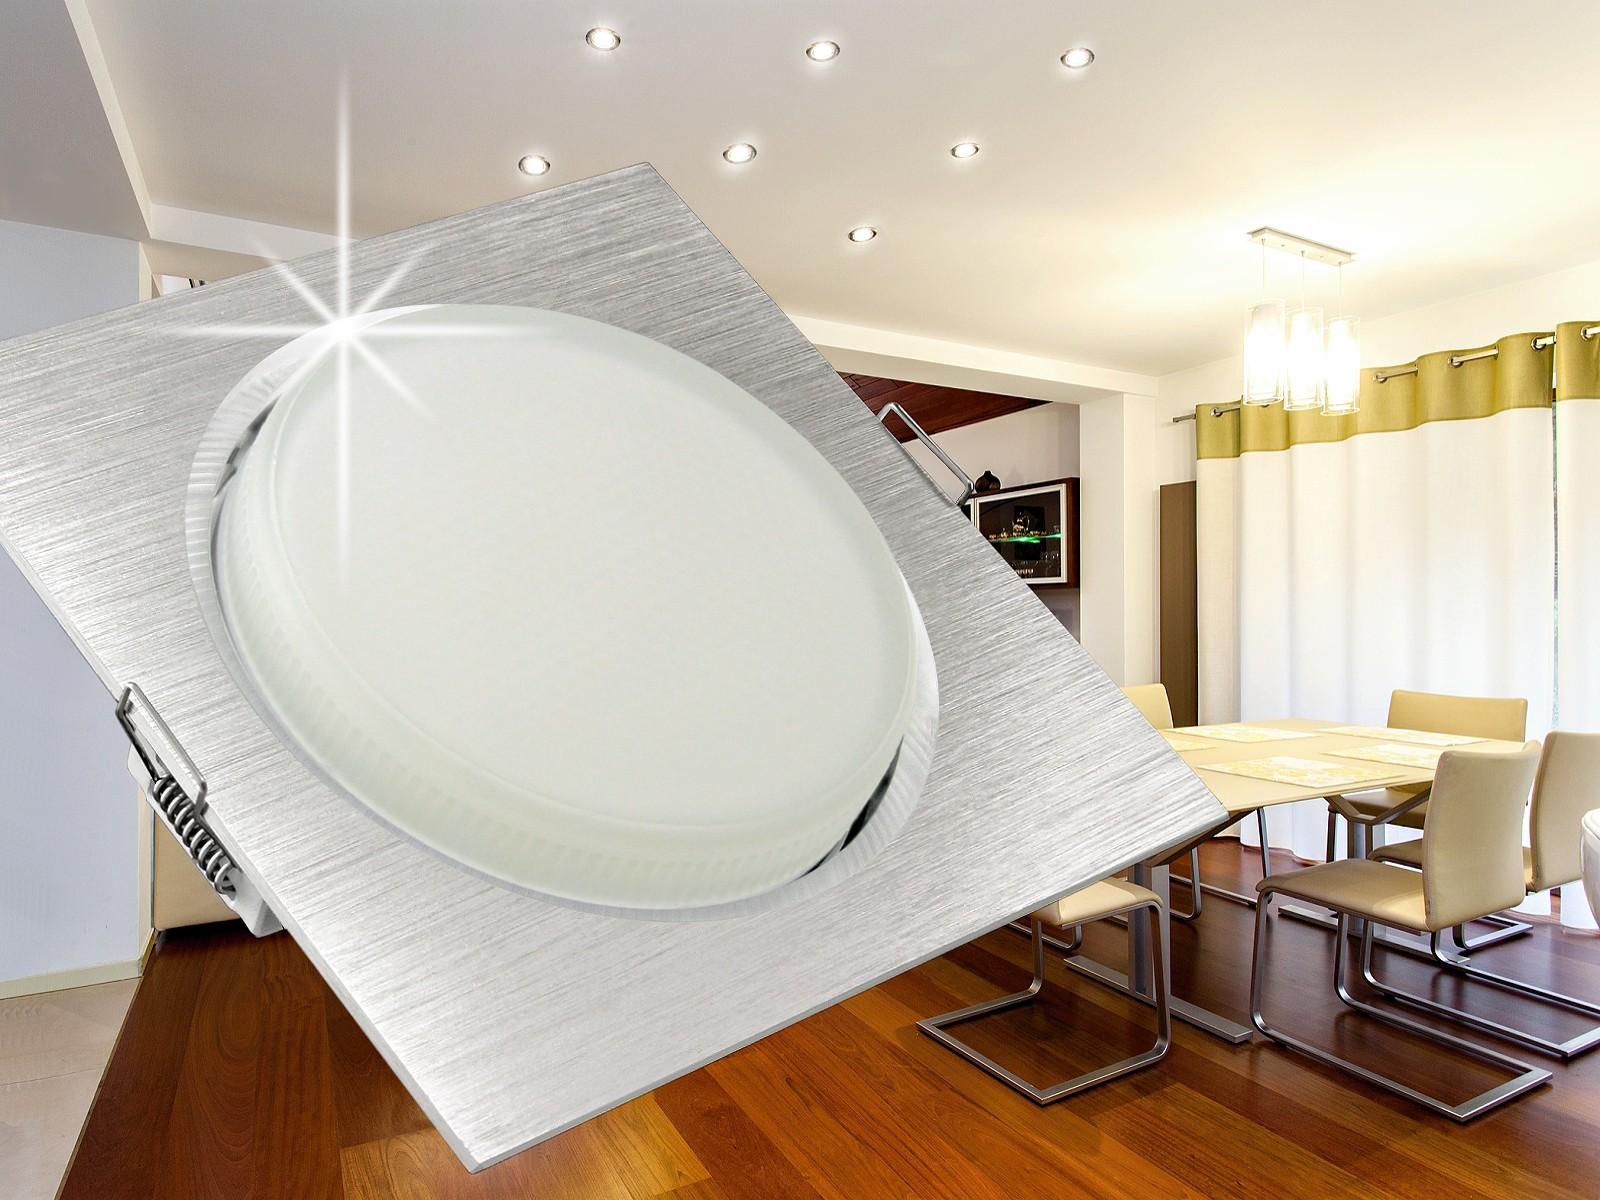 flacher led einbaustrahler einbauleuchte rx 4 alu mit 3 5w gx53 leuchtmittel warmweiss. Black Bedroom Furniture Sets. Home Design Ideas